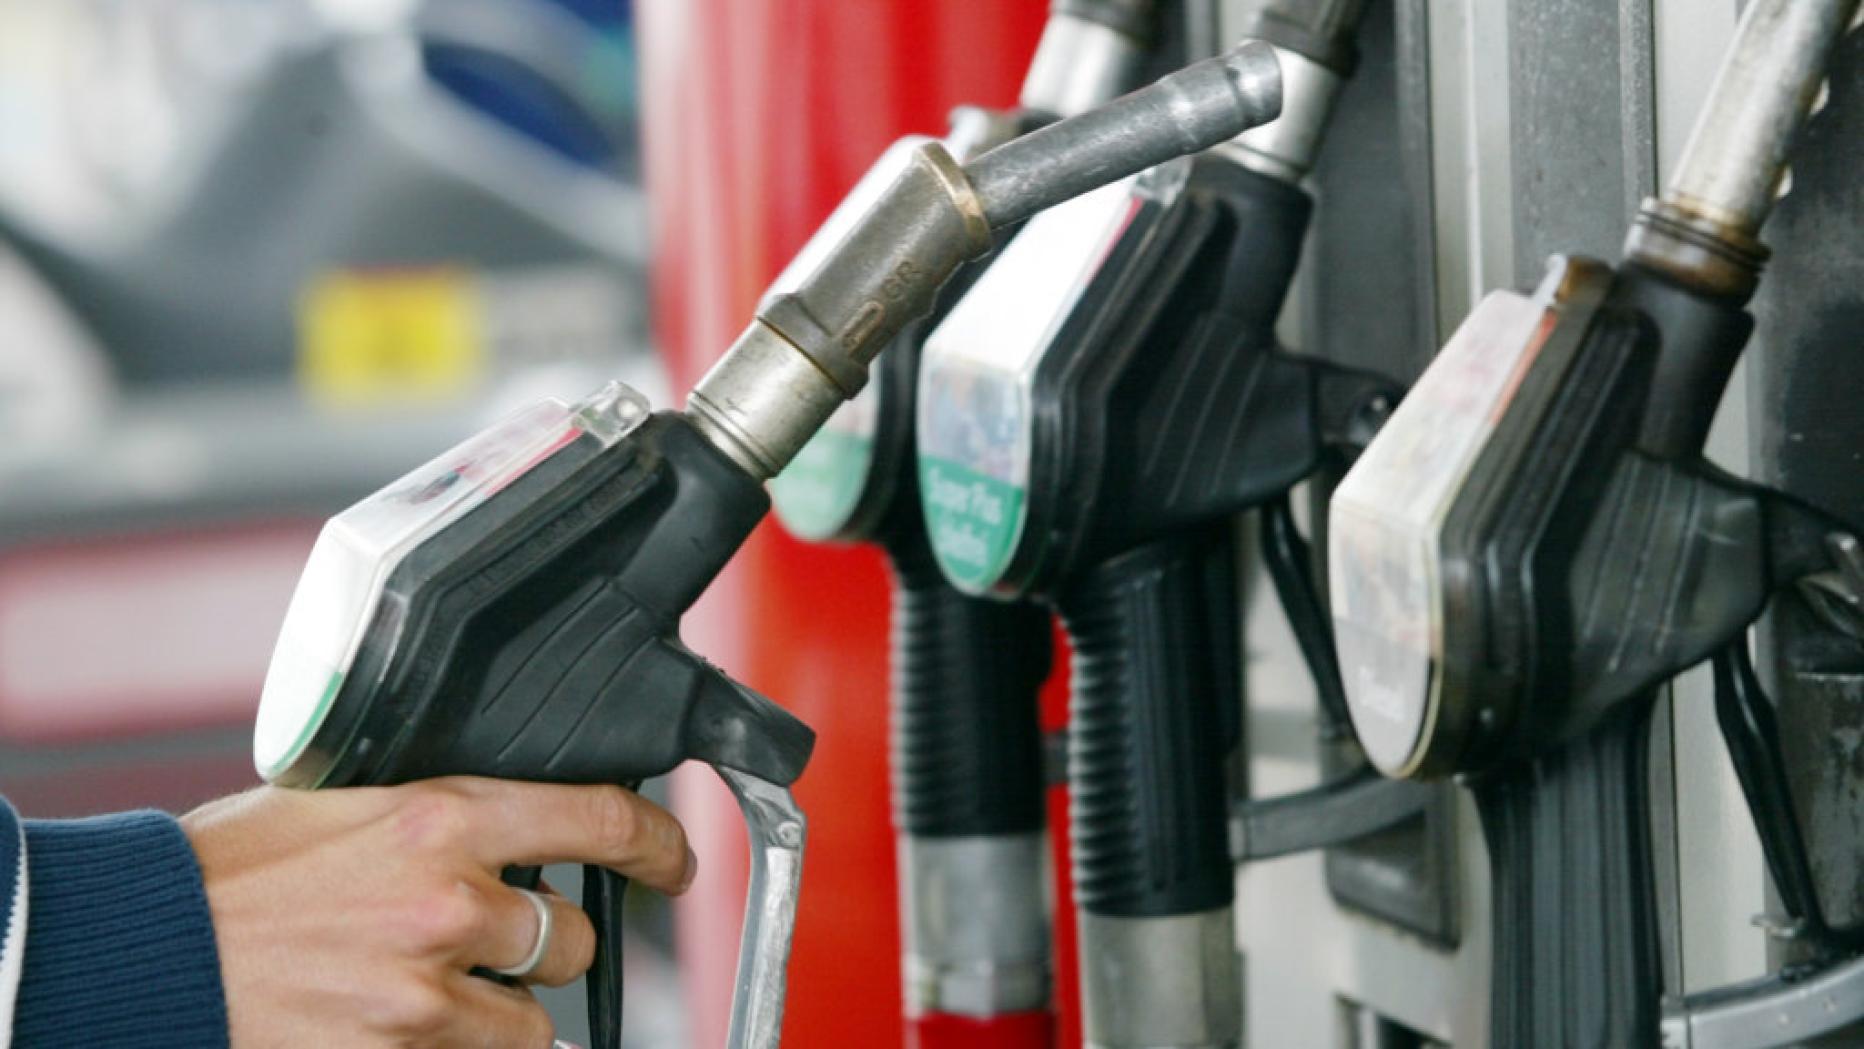 Treibstoff: In welchem Bezirk das Tanken am billigsten ist